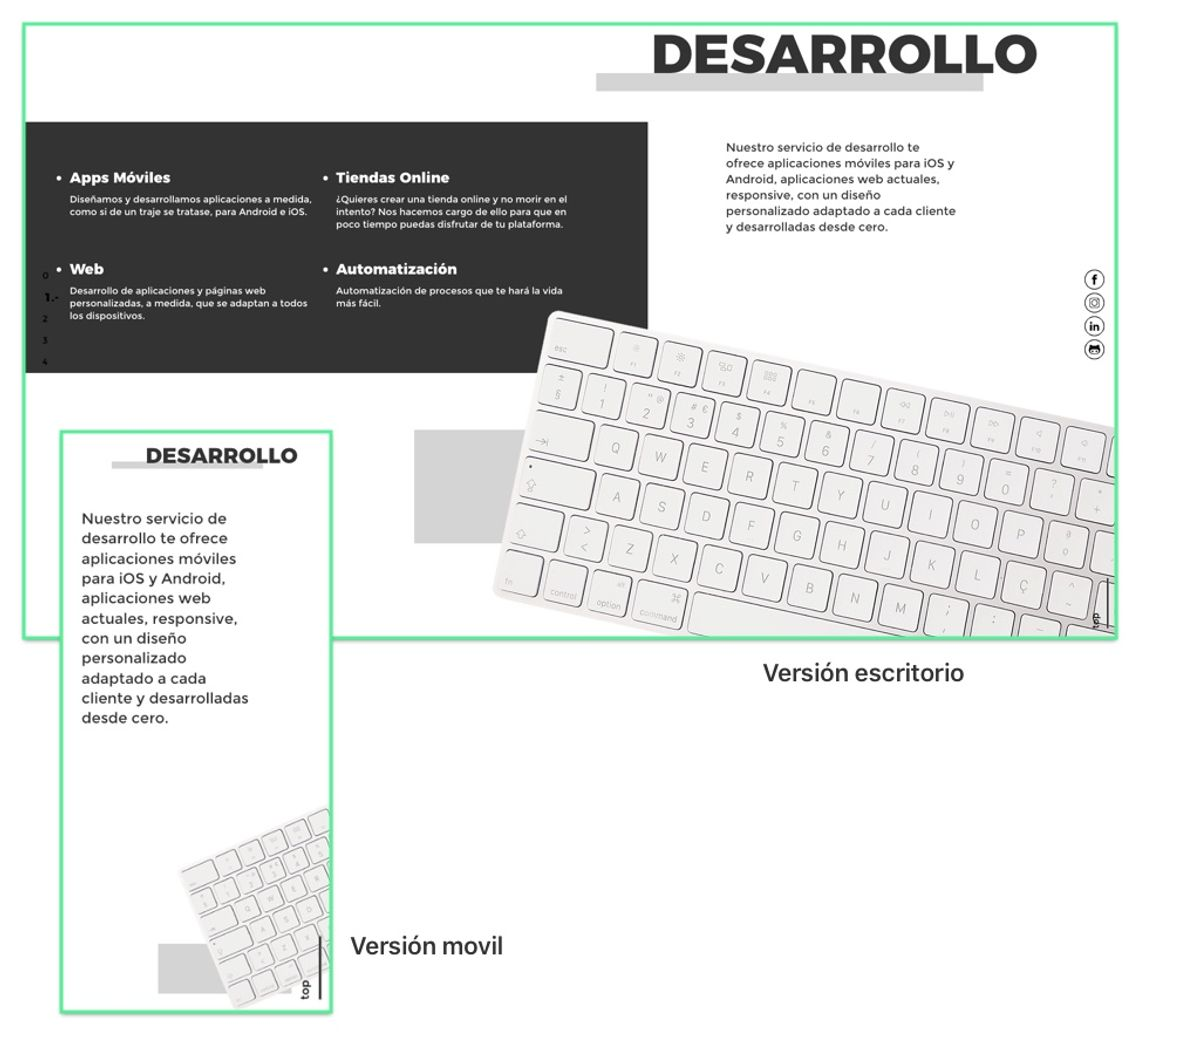 Versiones escritorio y móvil